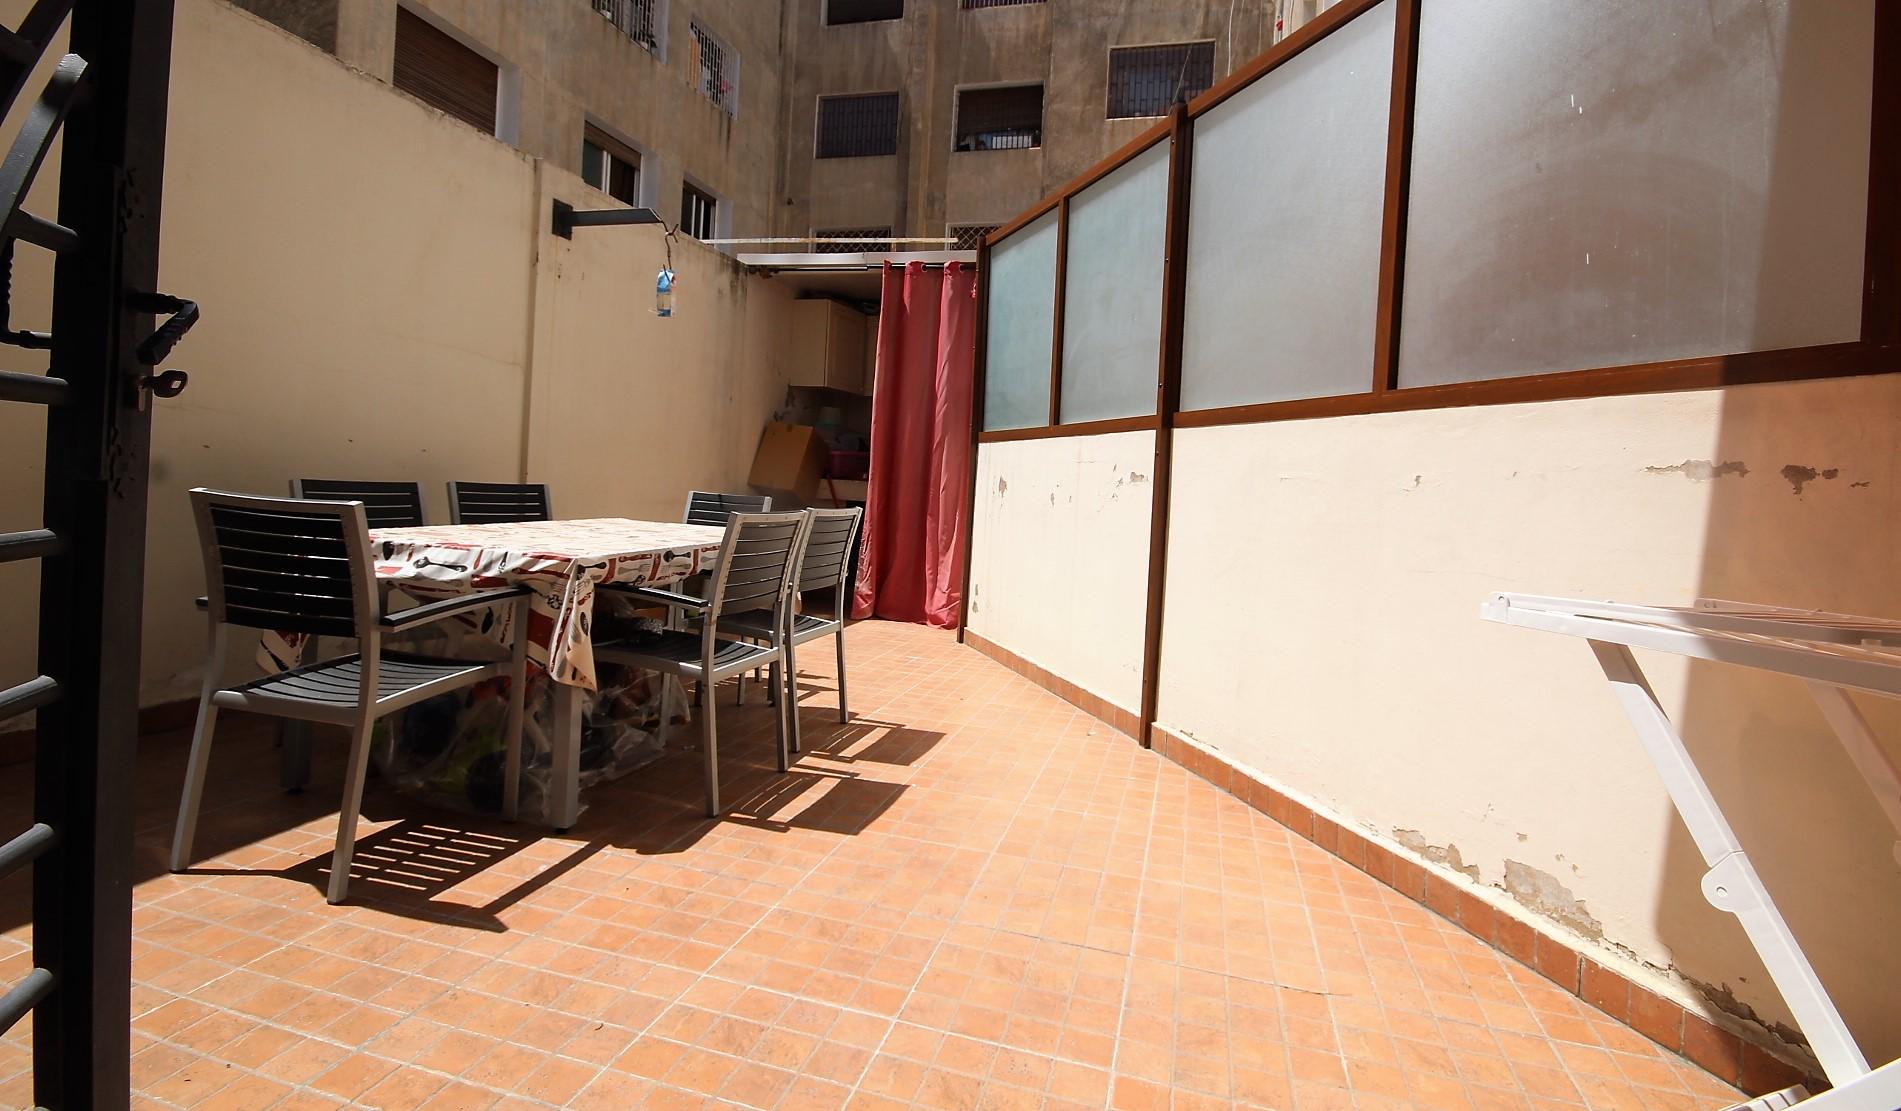 Maroc, Casablanca, Maarif extension à louer appartement récent de 2 chambres avec terrasse